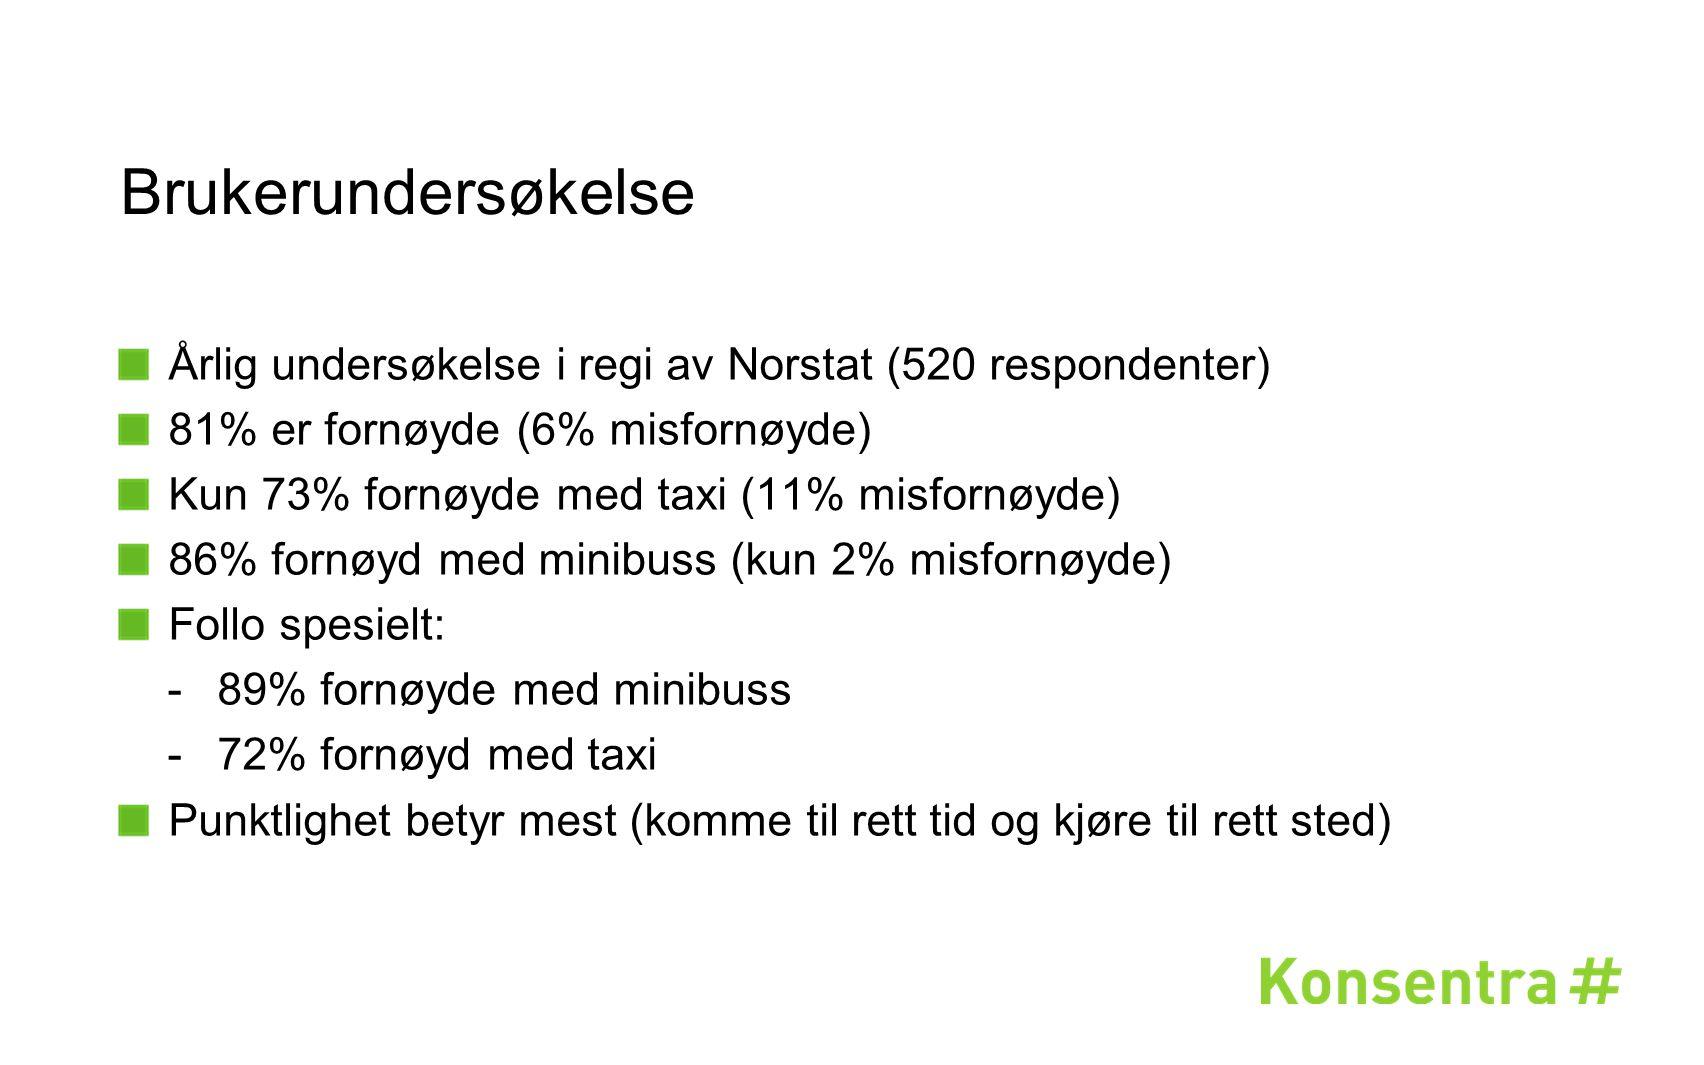 Brukerundersøkelse Årlig undersøkelse i regi av Norstat (520 respondenter) 81% er fornøyde (6% misfornøyde) Kun 73% fornøyde med taxi (11% misfornøyde